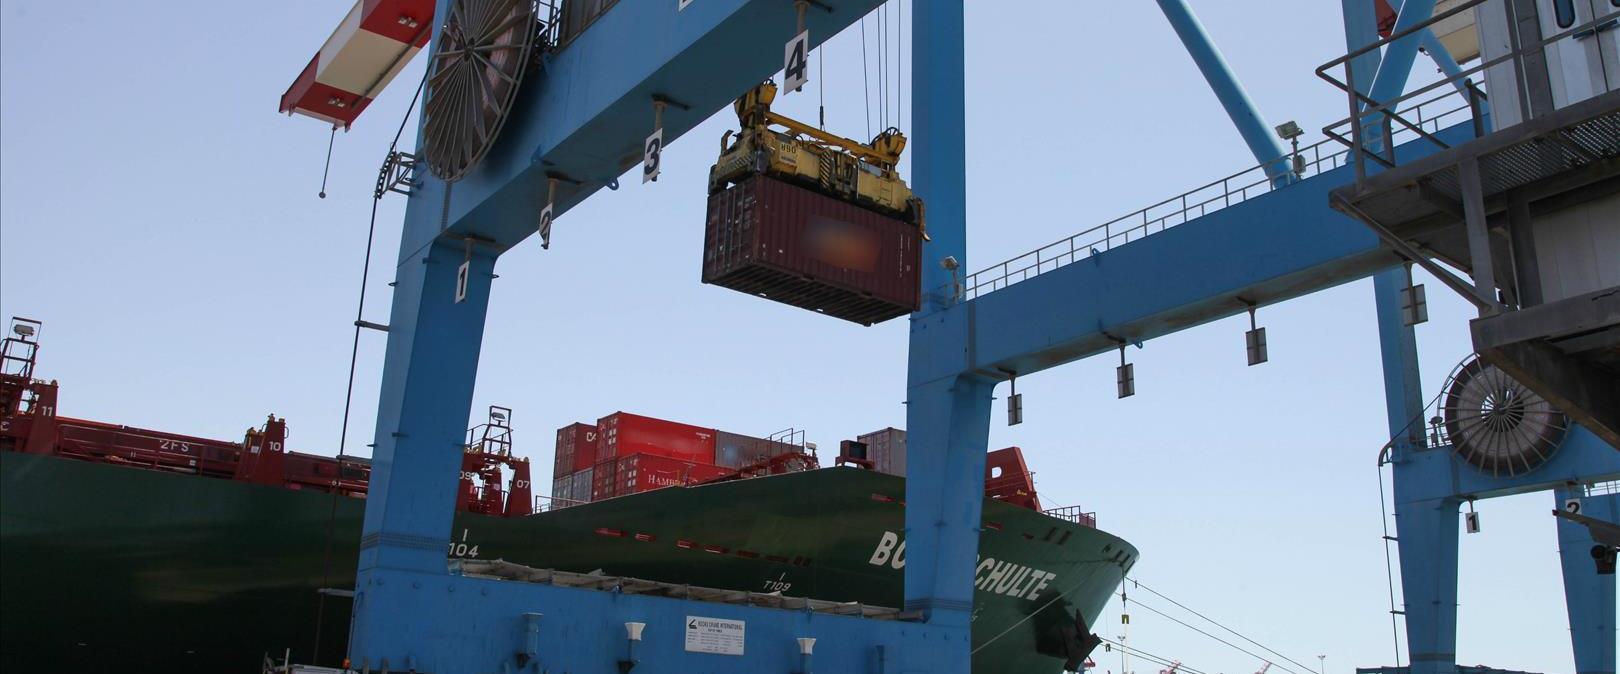 מנופים פורקים סחורה מהספינות בנמל אשדוד